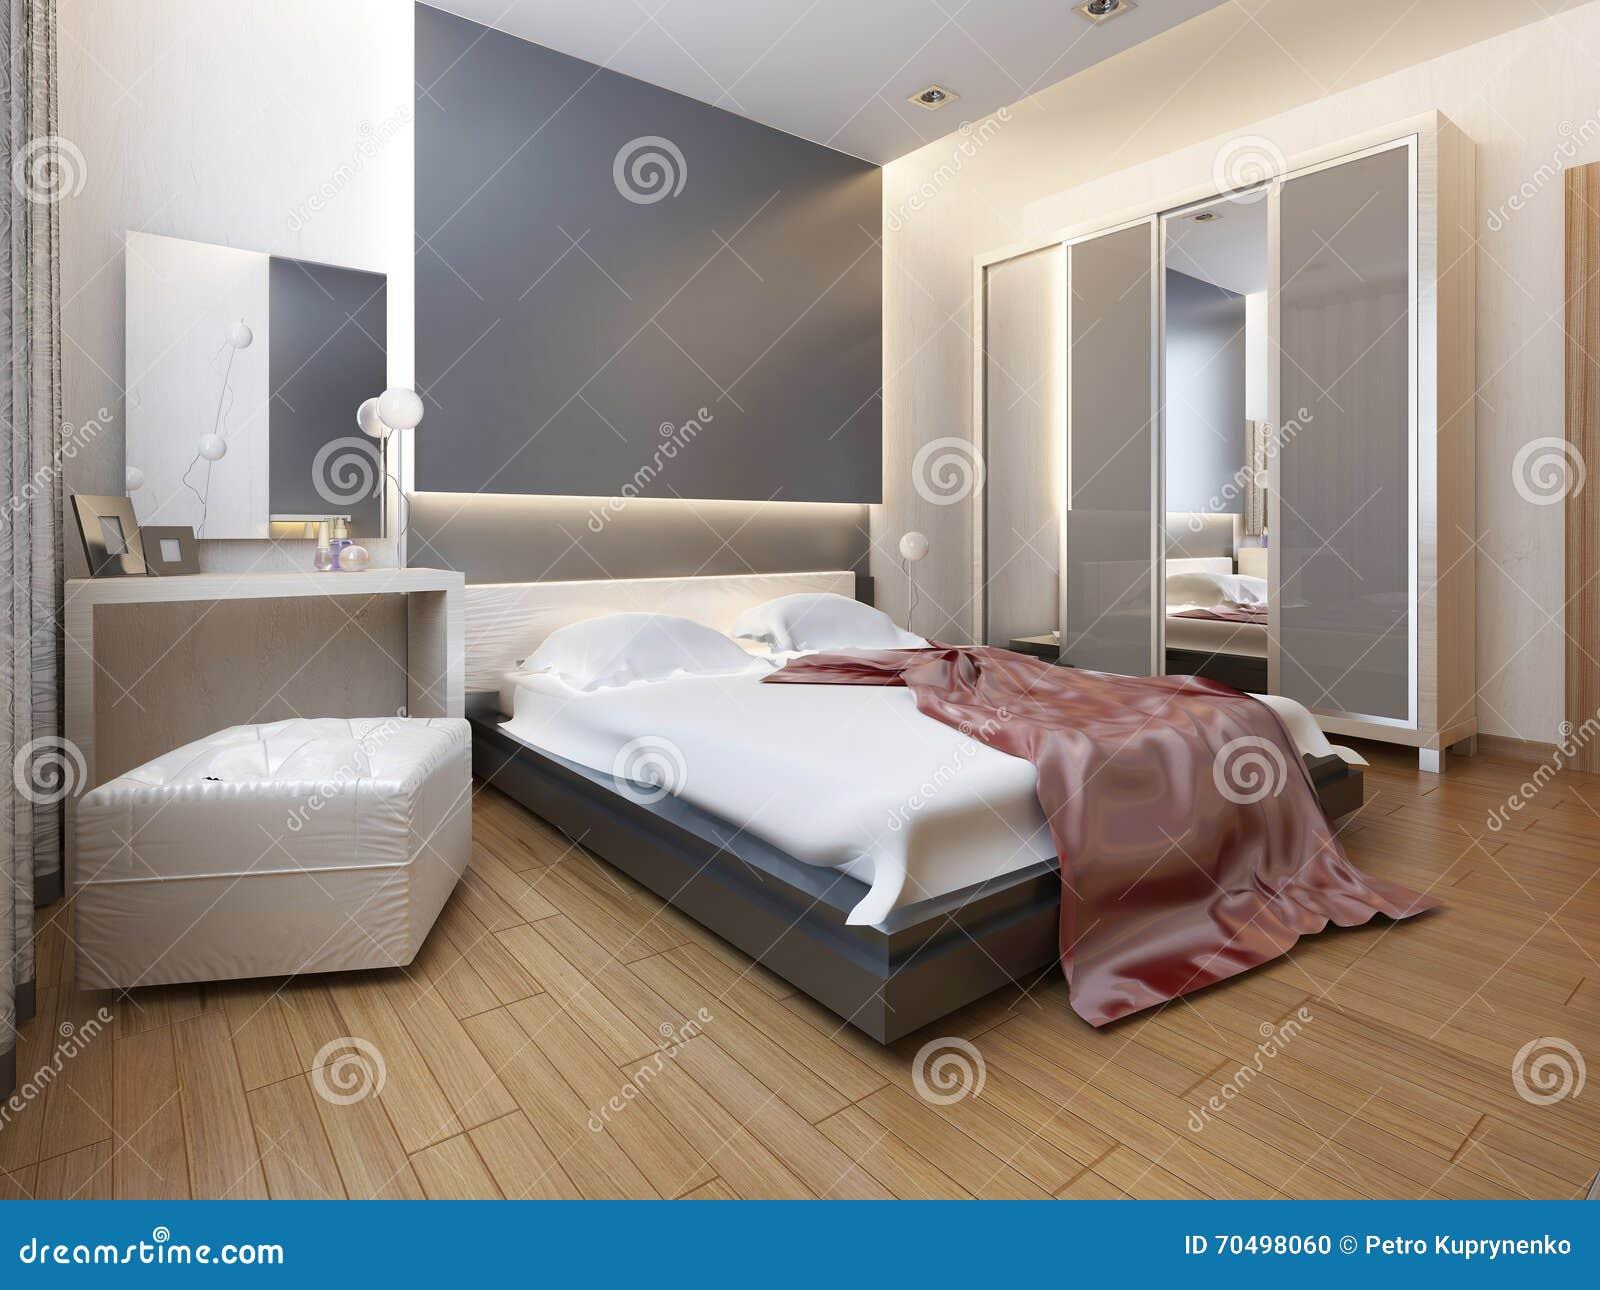 Camera da letto zen camere da letto zen disegno interno - Luce camera da letto ...